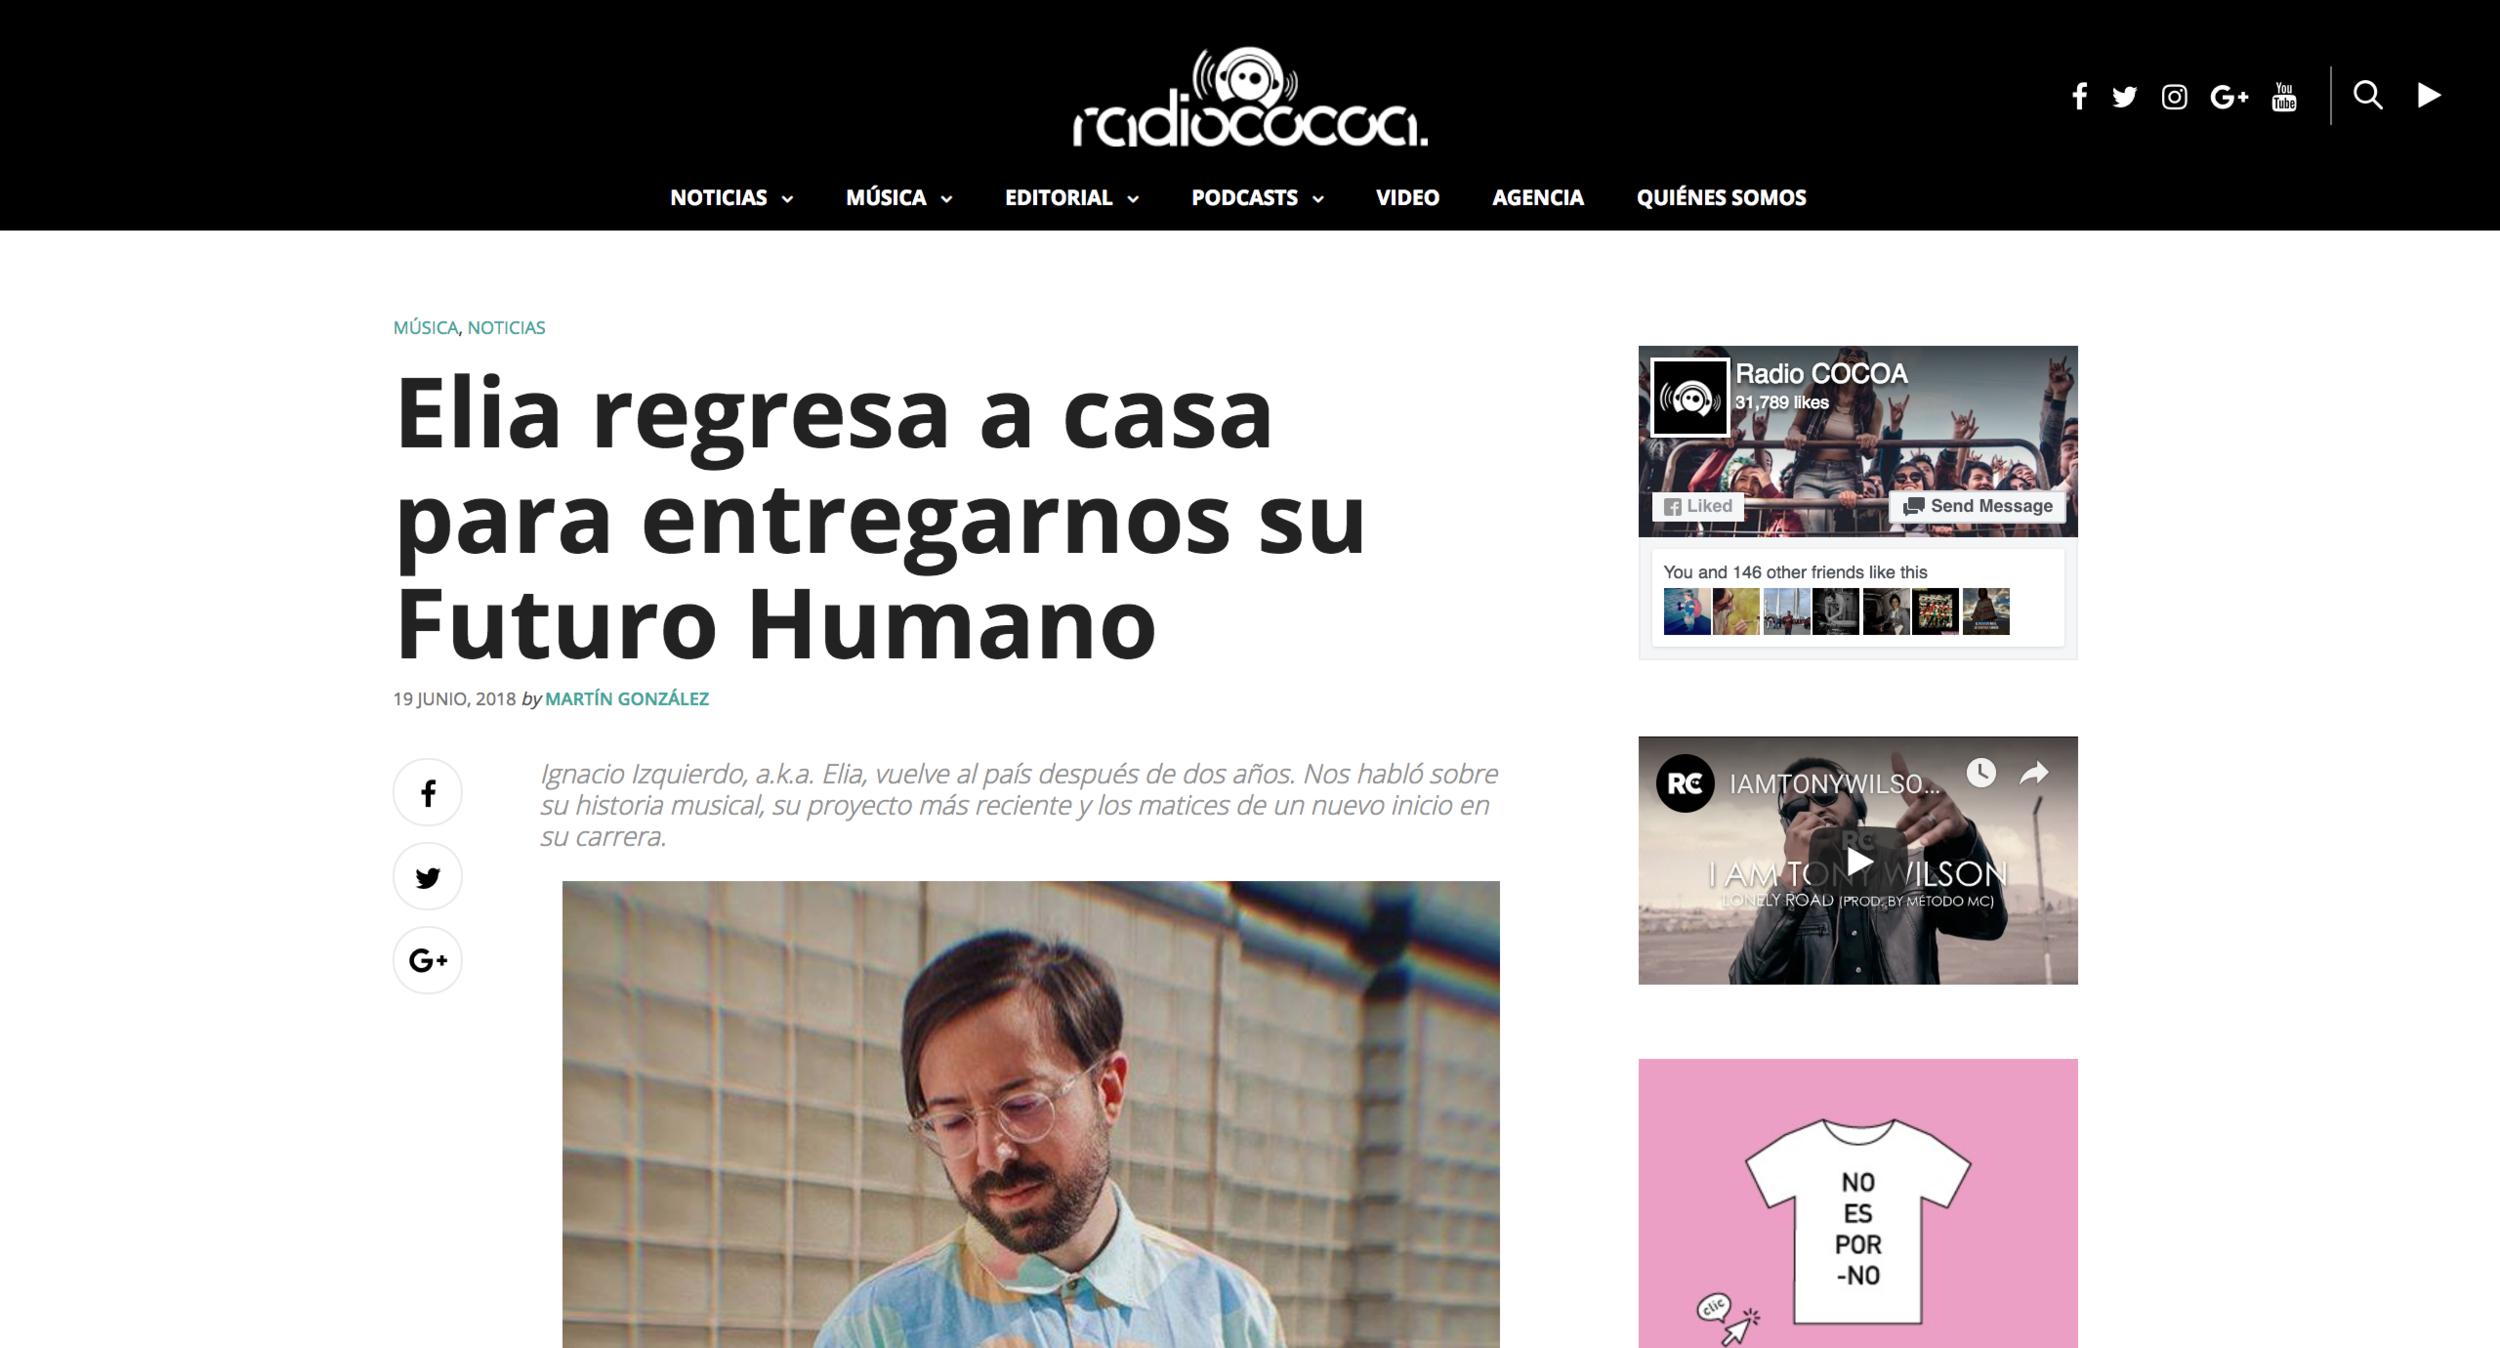 """Radio cocoa - """"Ignacio Izquierdo, a.k.a. Elia, vuelve al país después de dos años. Nos habló sobre su historia musical, su proyecto más reciente y los matices de un nuevo inicio en su carrera."""""""